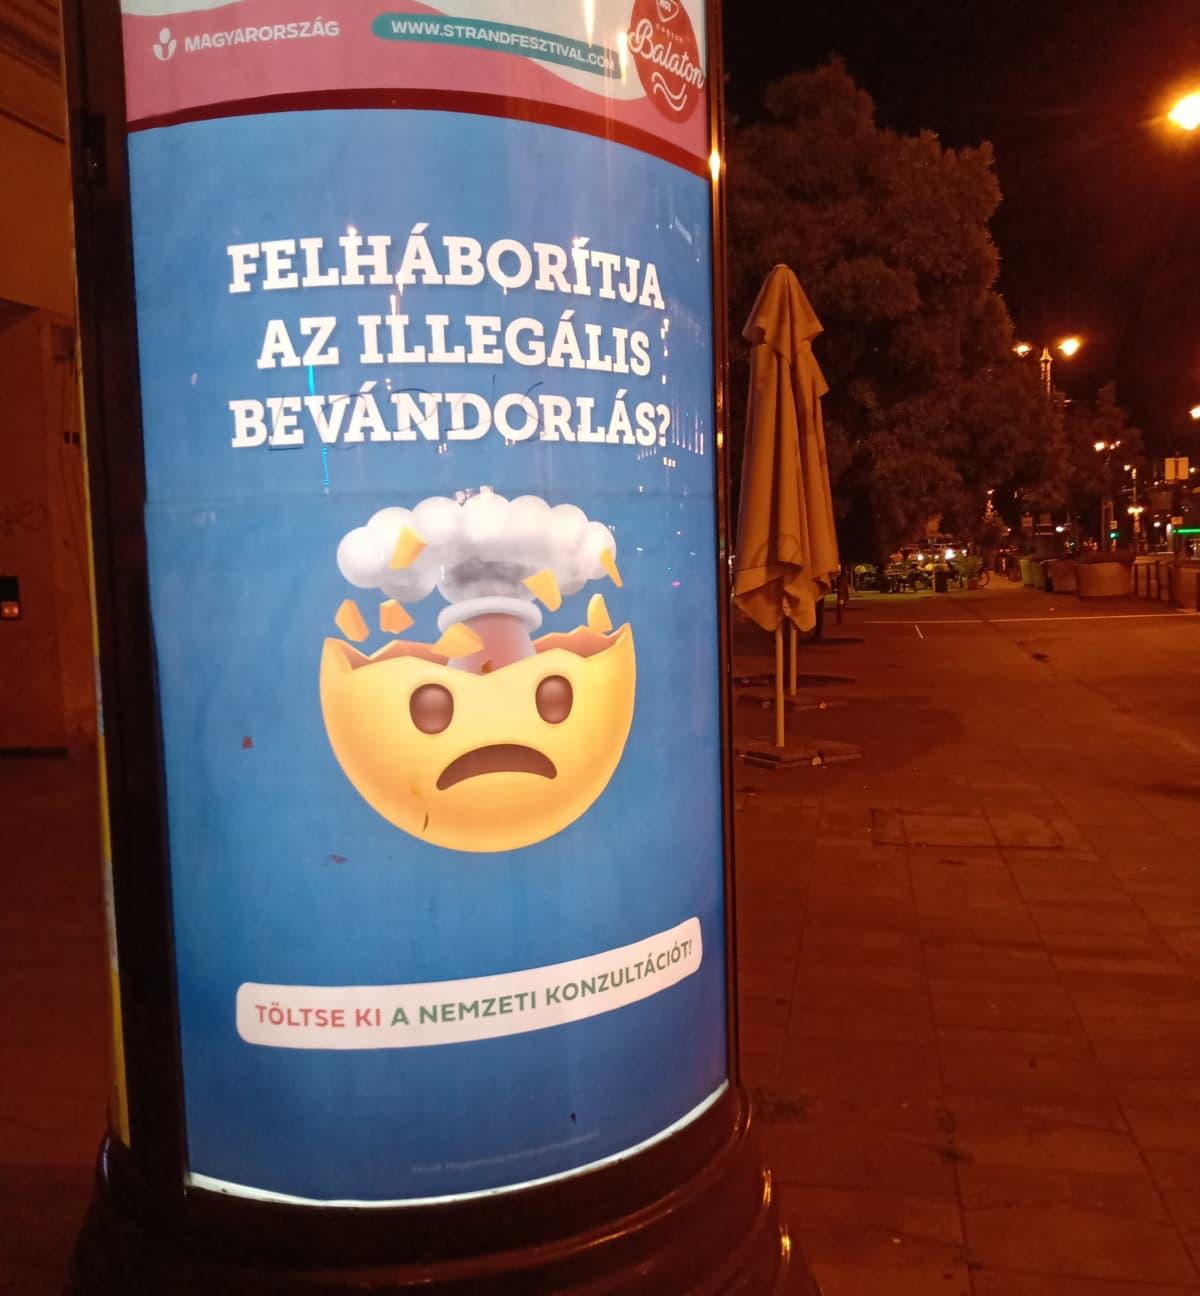 Hallituksen kansallisen mielipidekyselyn mainoskampanja, Budapest Unkari, emoji, heinäkuu 2021